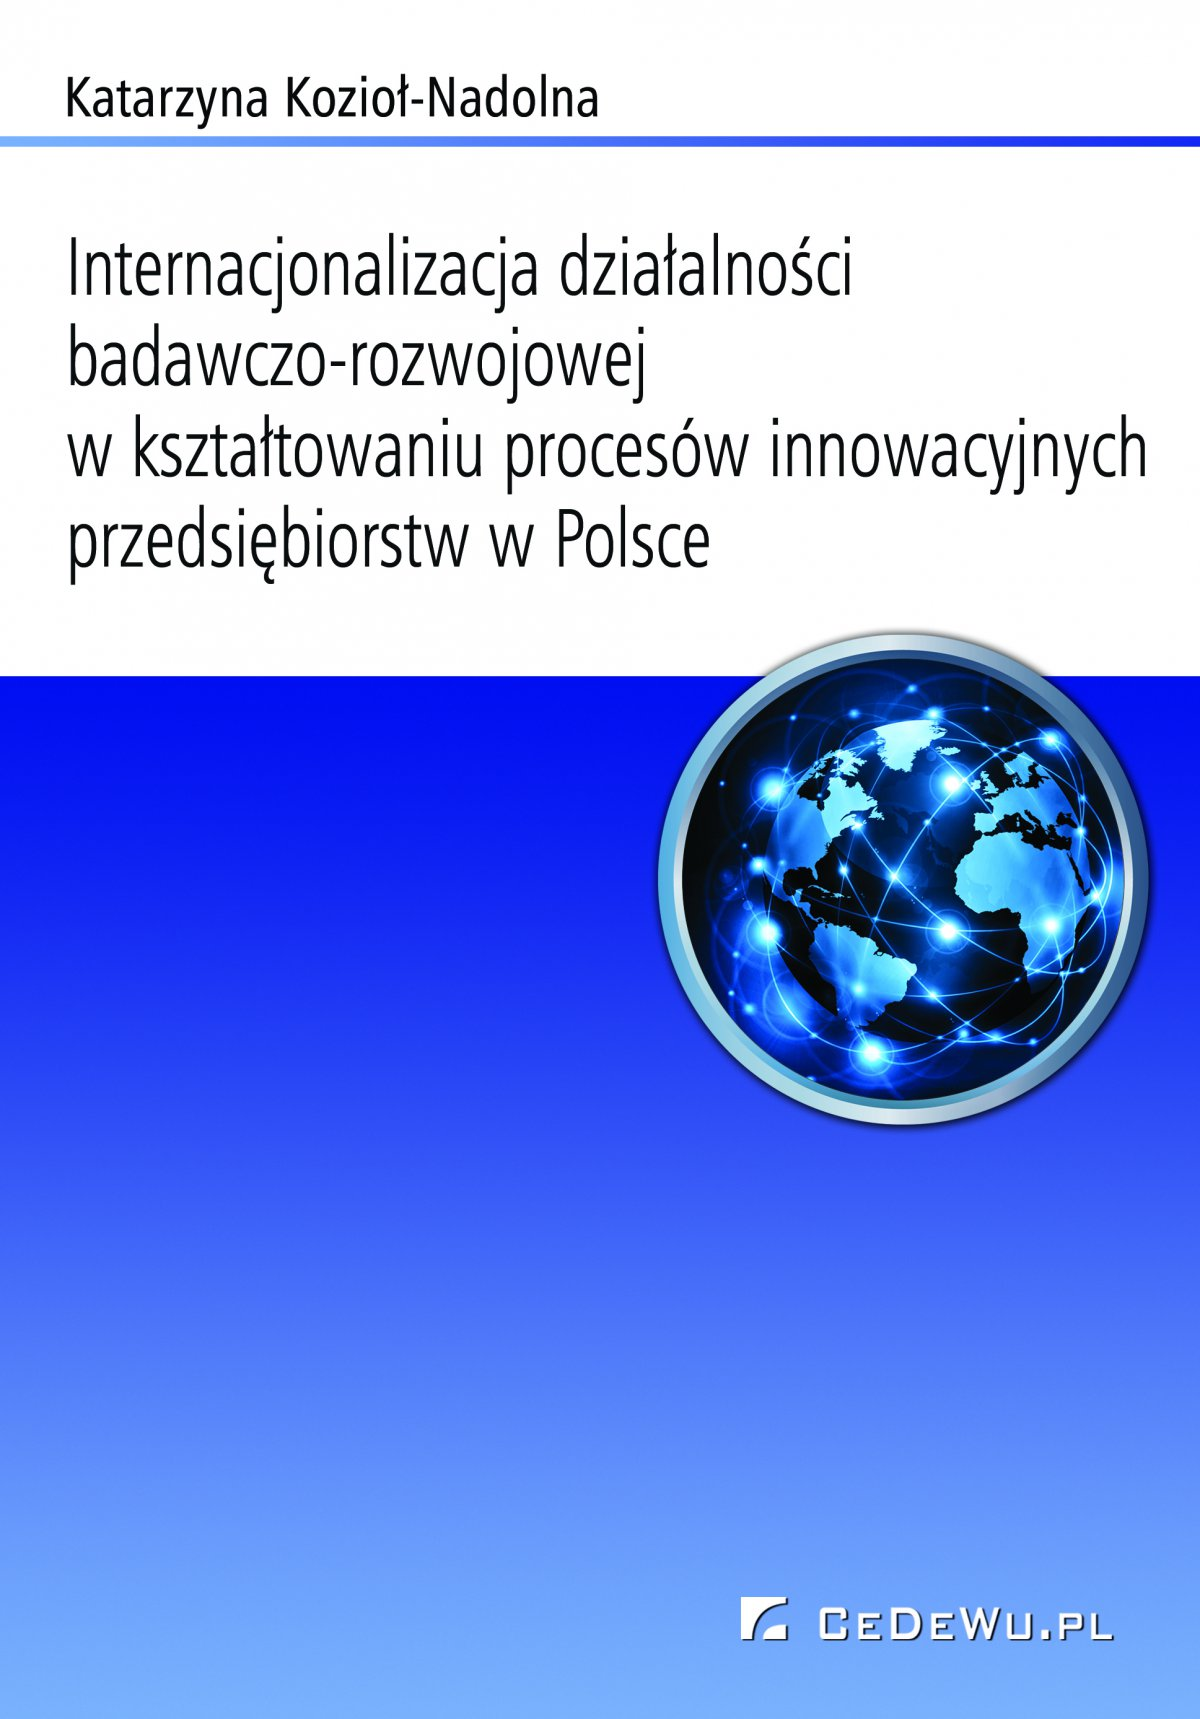 Internacjonalizacja działalności badawczo-rozwojowej w kształtowaniu procesów innowacyjnych przedsiębiorstw w Polsce. Rozdział 4. Współpraca organizacji w globalnej sieci badawczej jako determinanta aktywności innowacyjnej przedsiębiorstw - Ebook (Książka PDF) do pobrania w formacie PDF